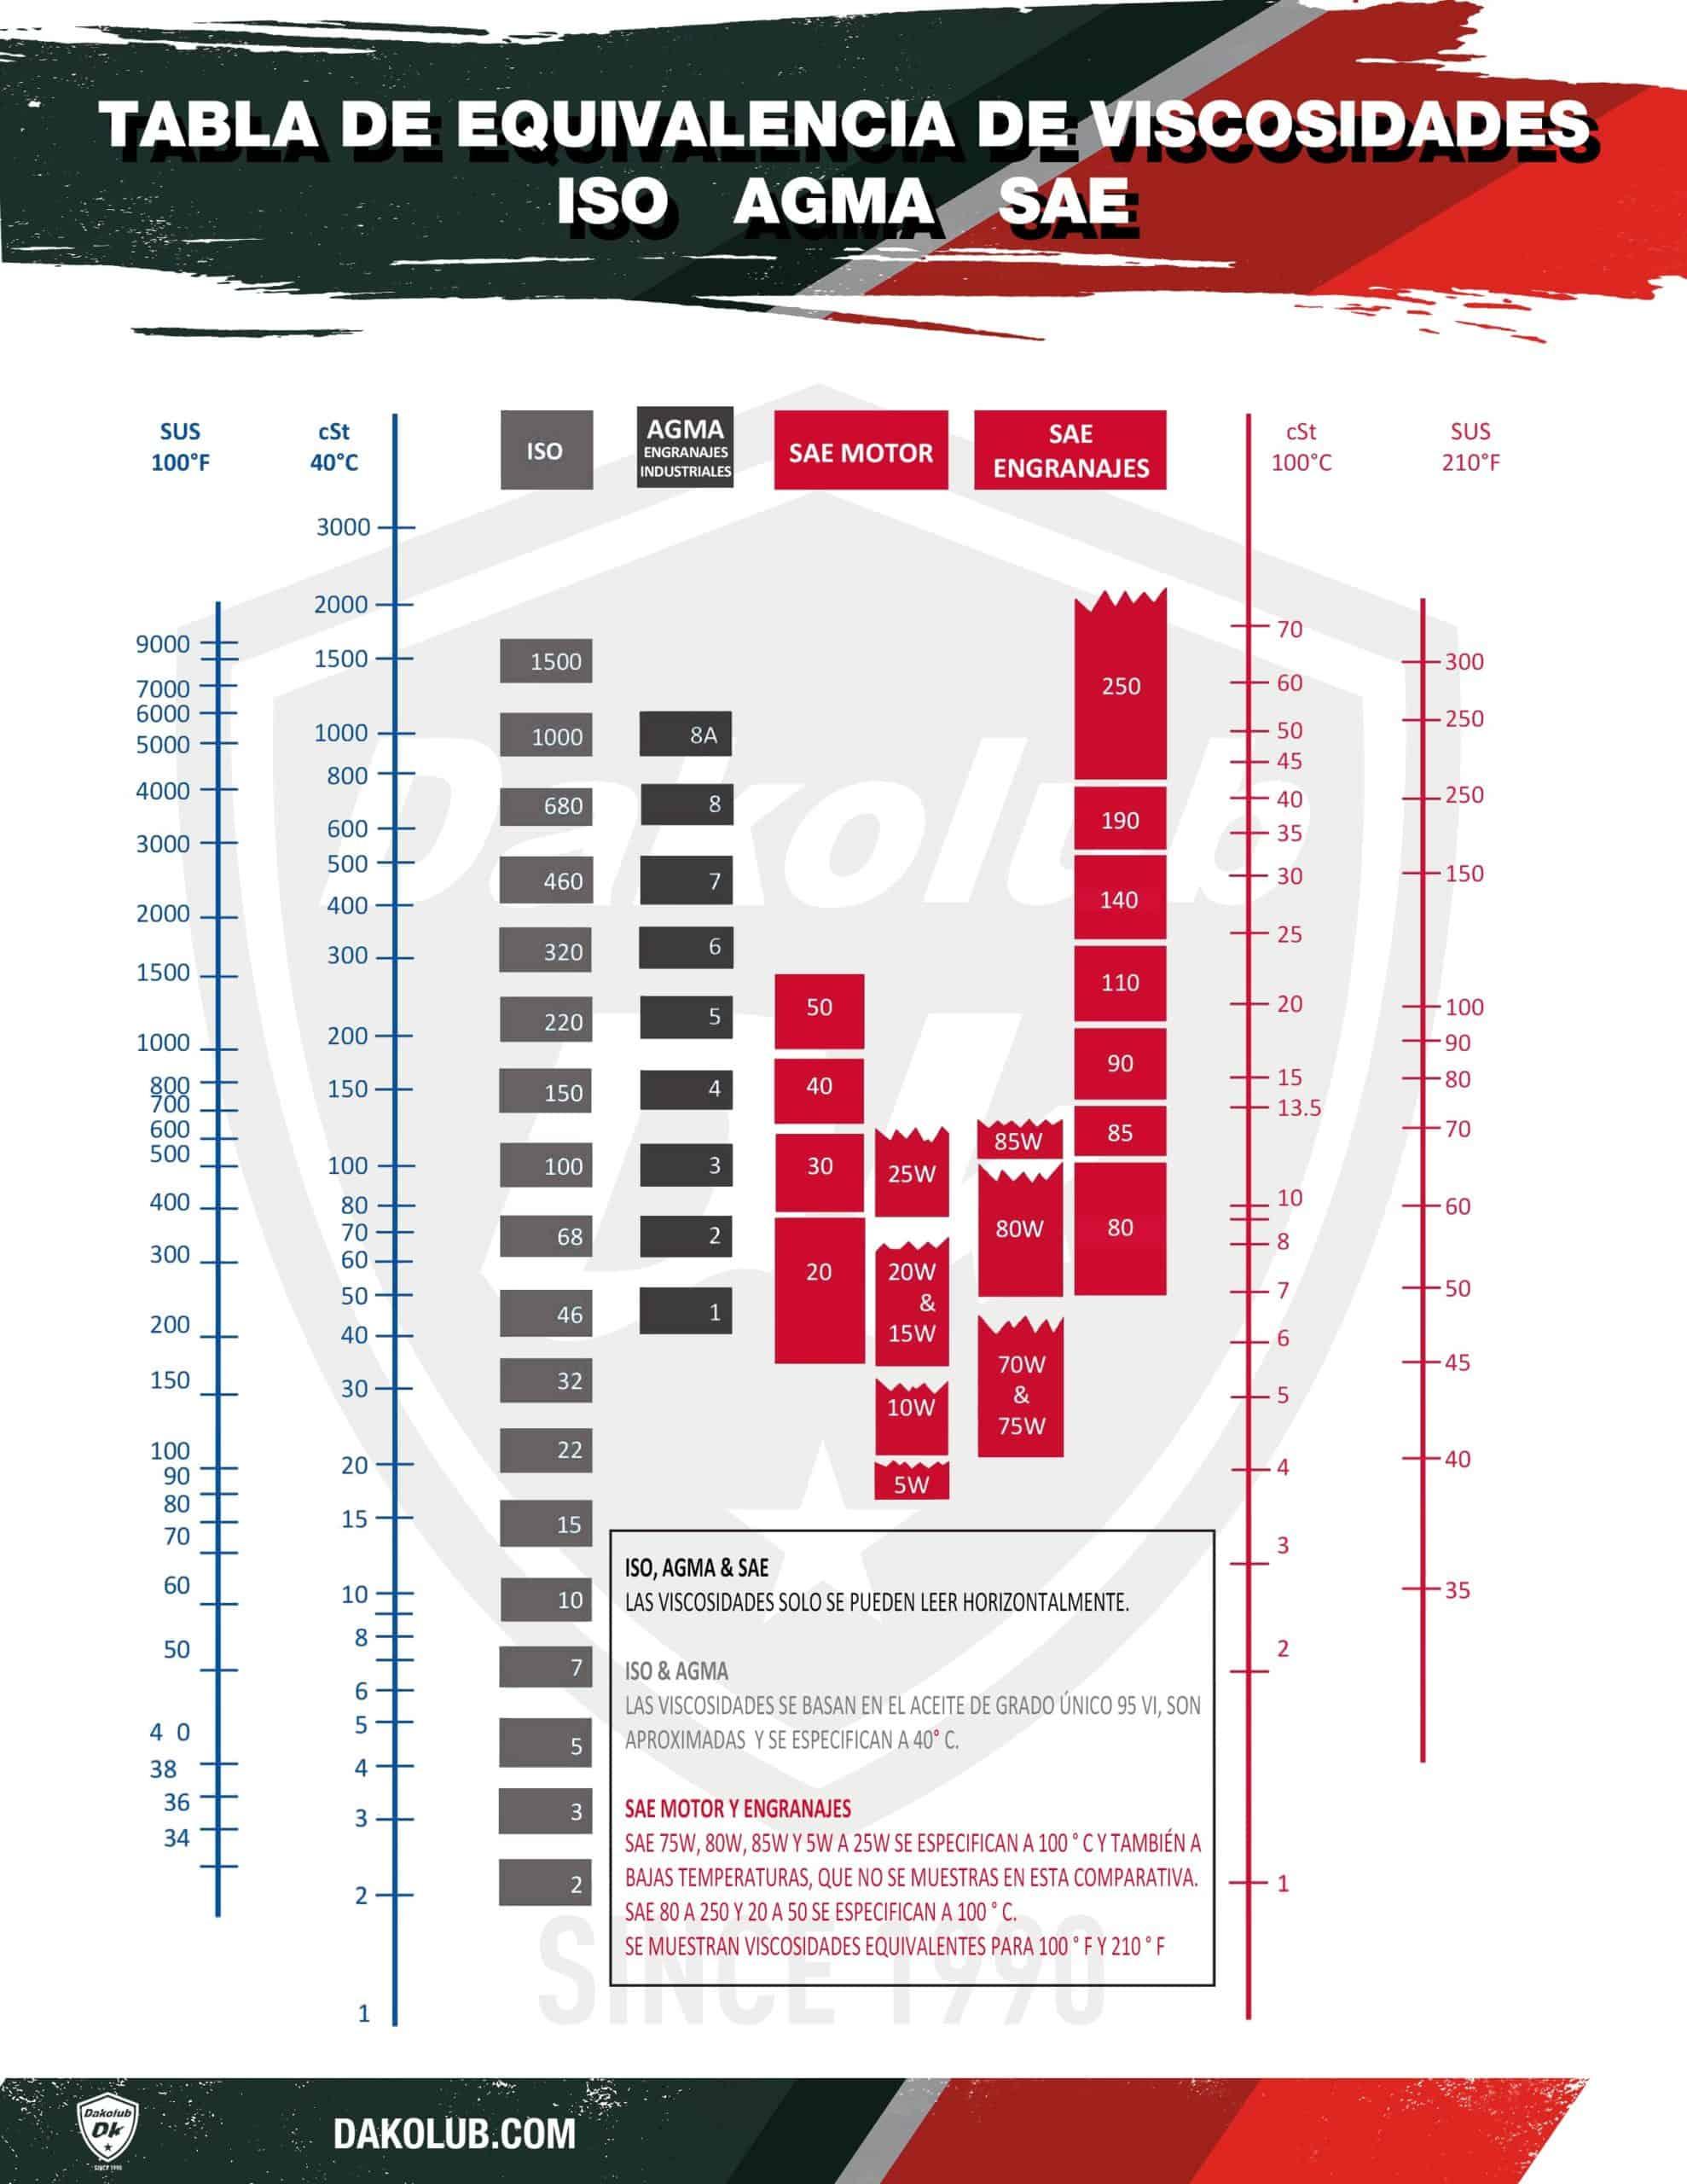 tabla de equivalencia de viscosidades